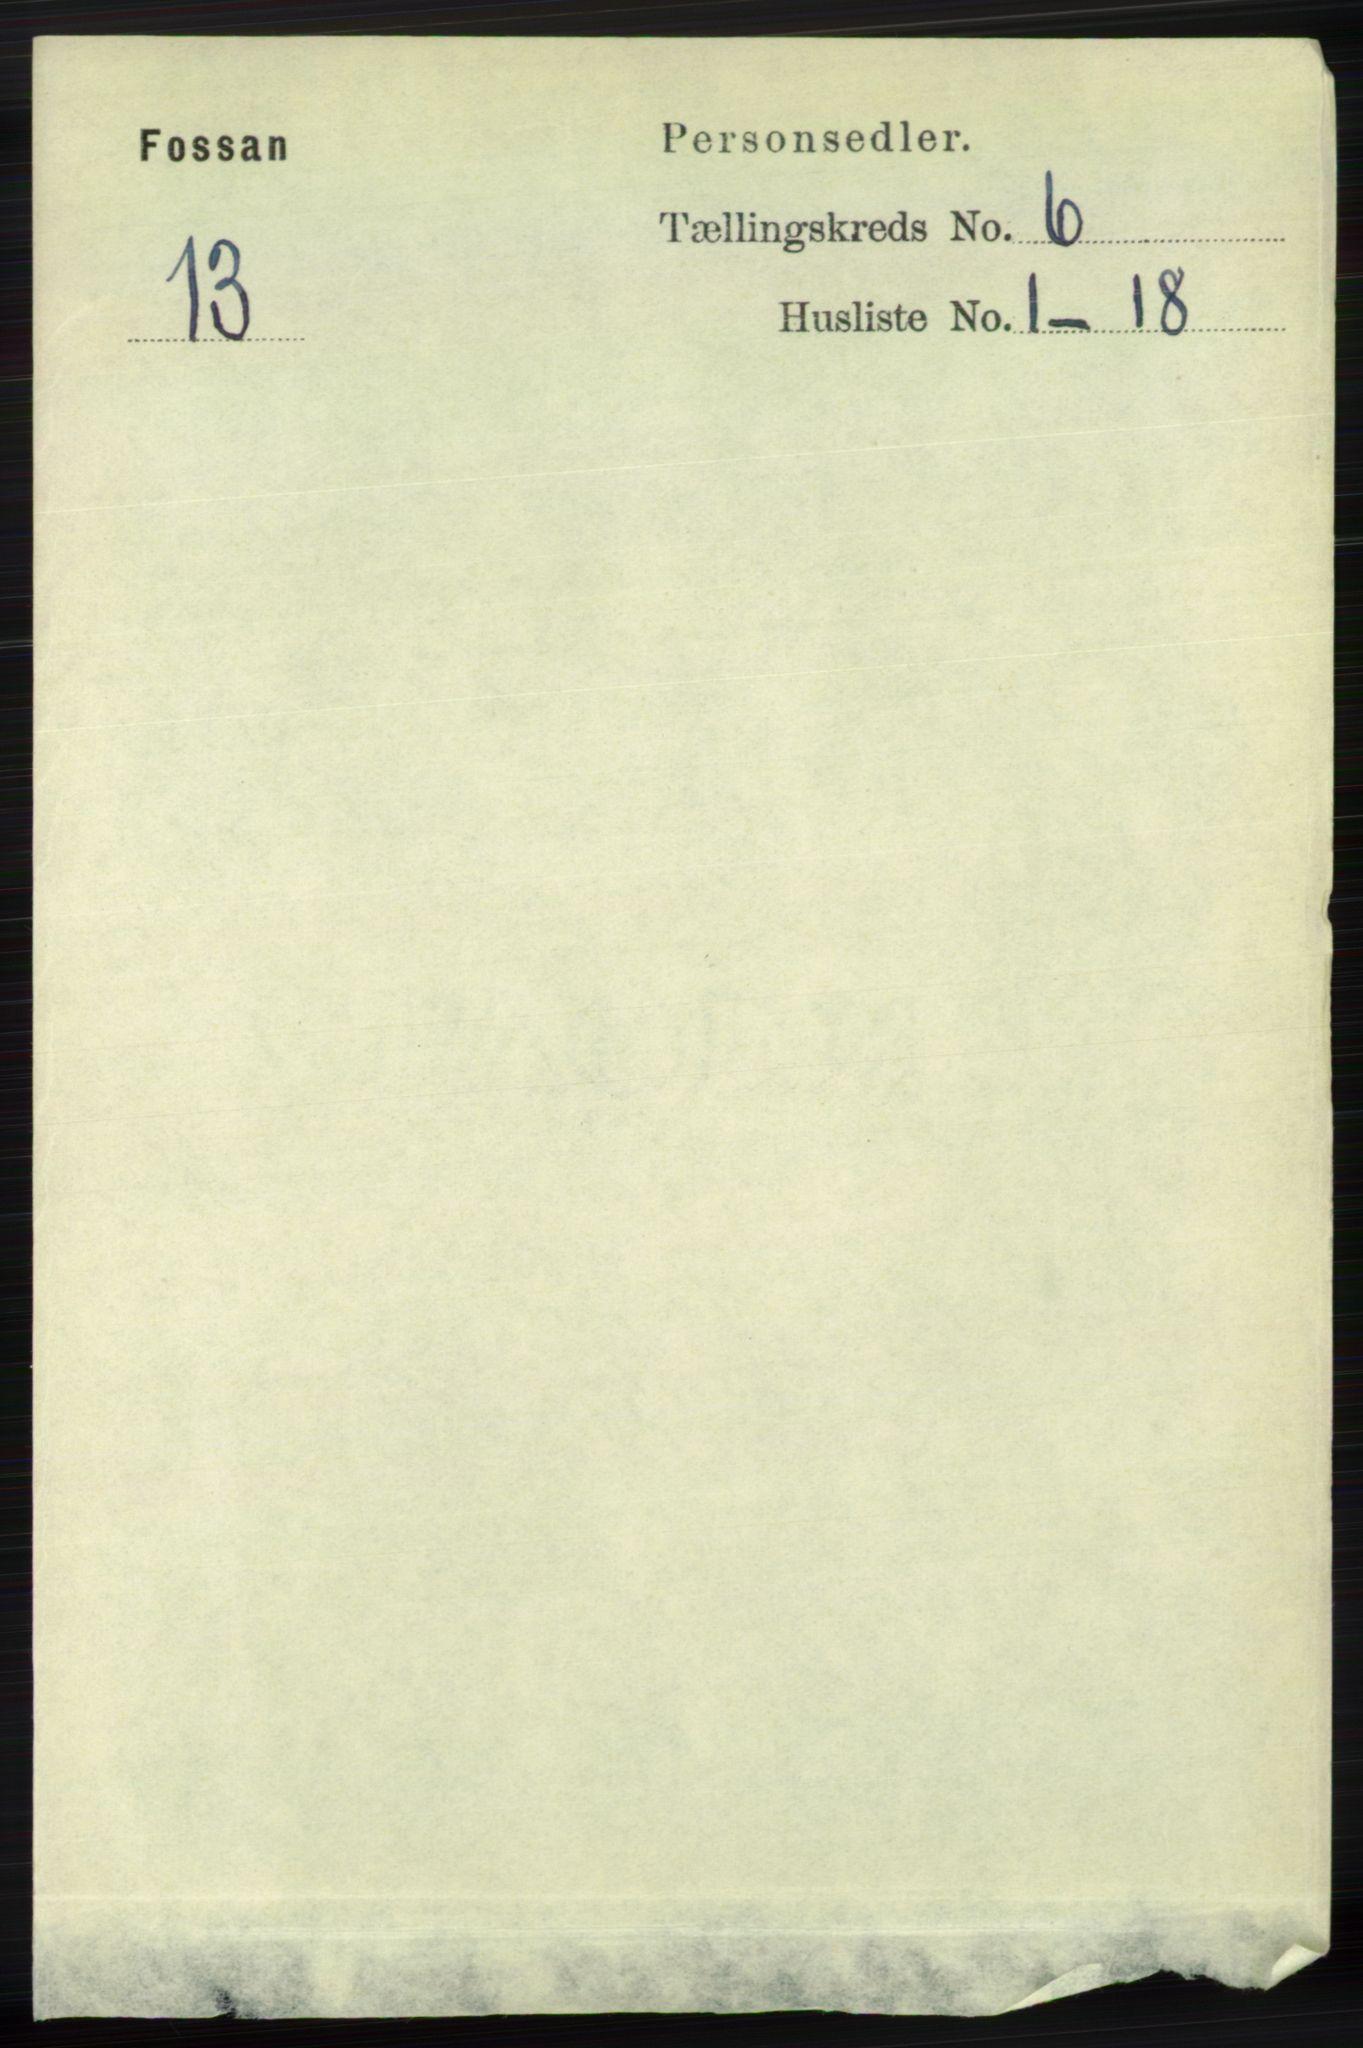 RA, Folketelling 1891 for 1129 Forsand herred, 1891, s. 941